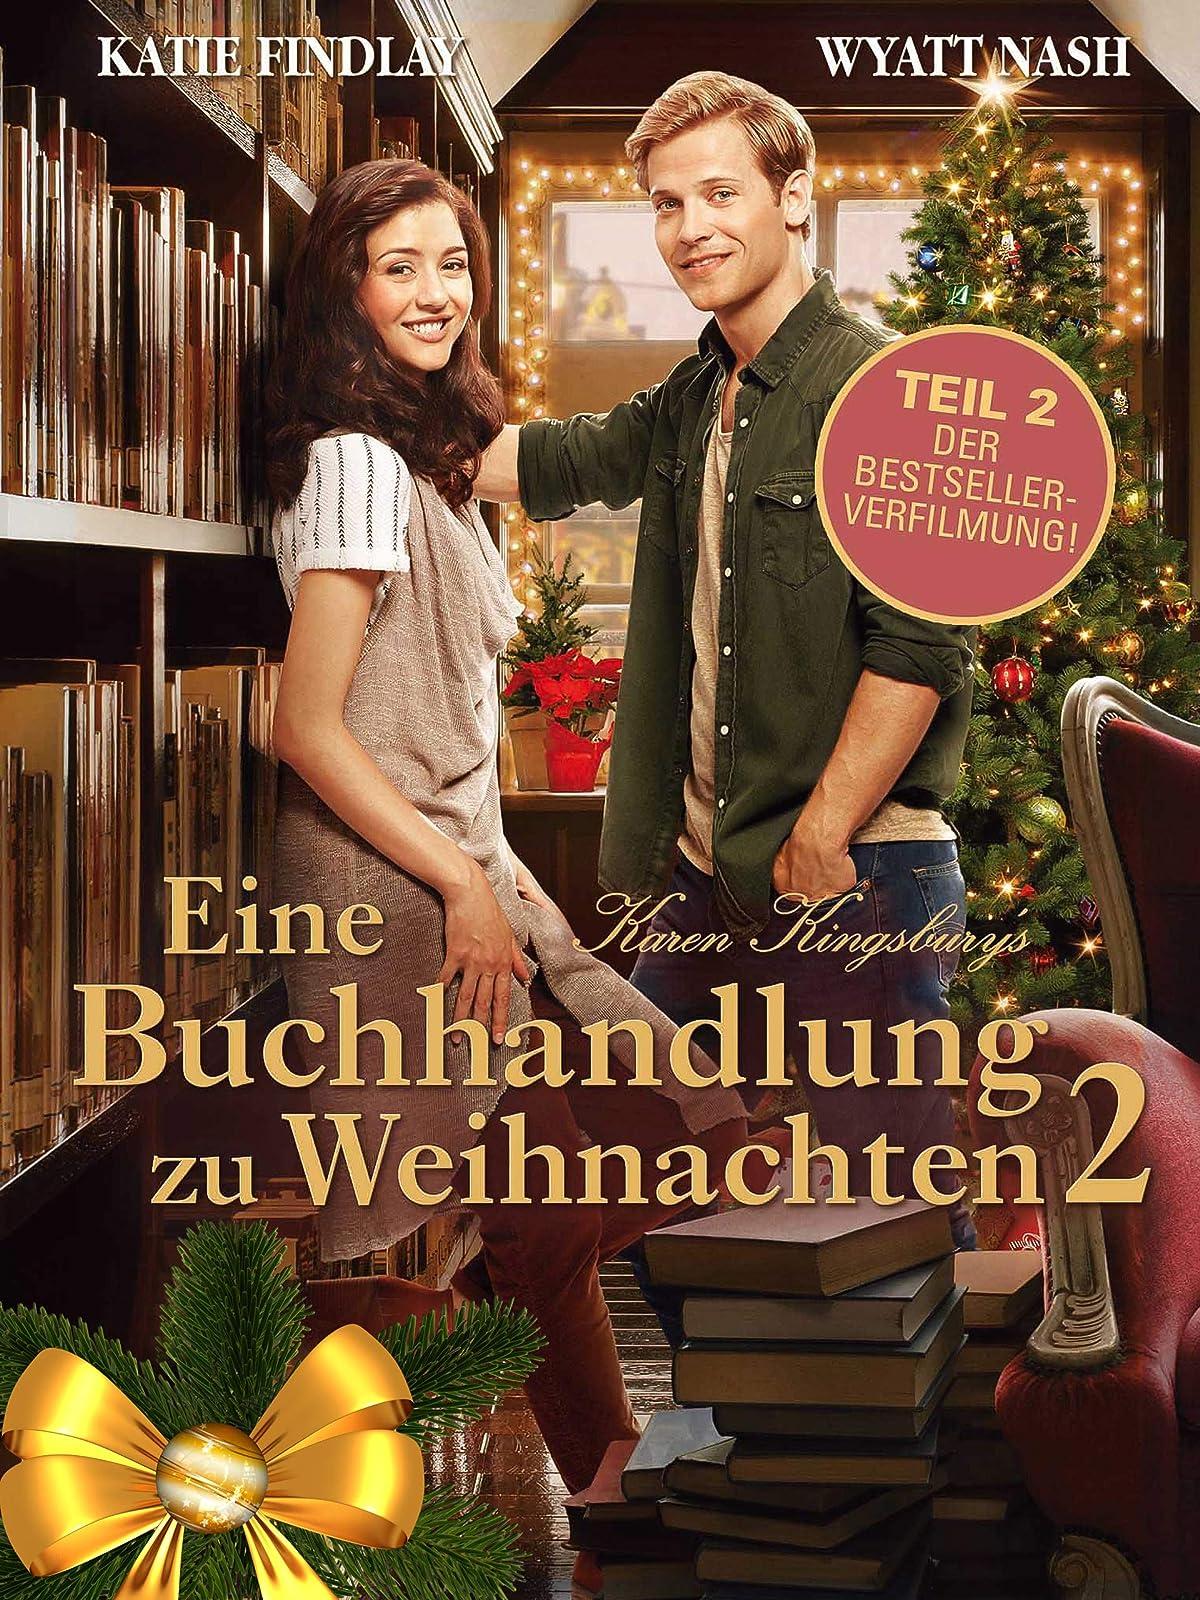 Königliche Weihnachten Film